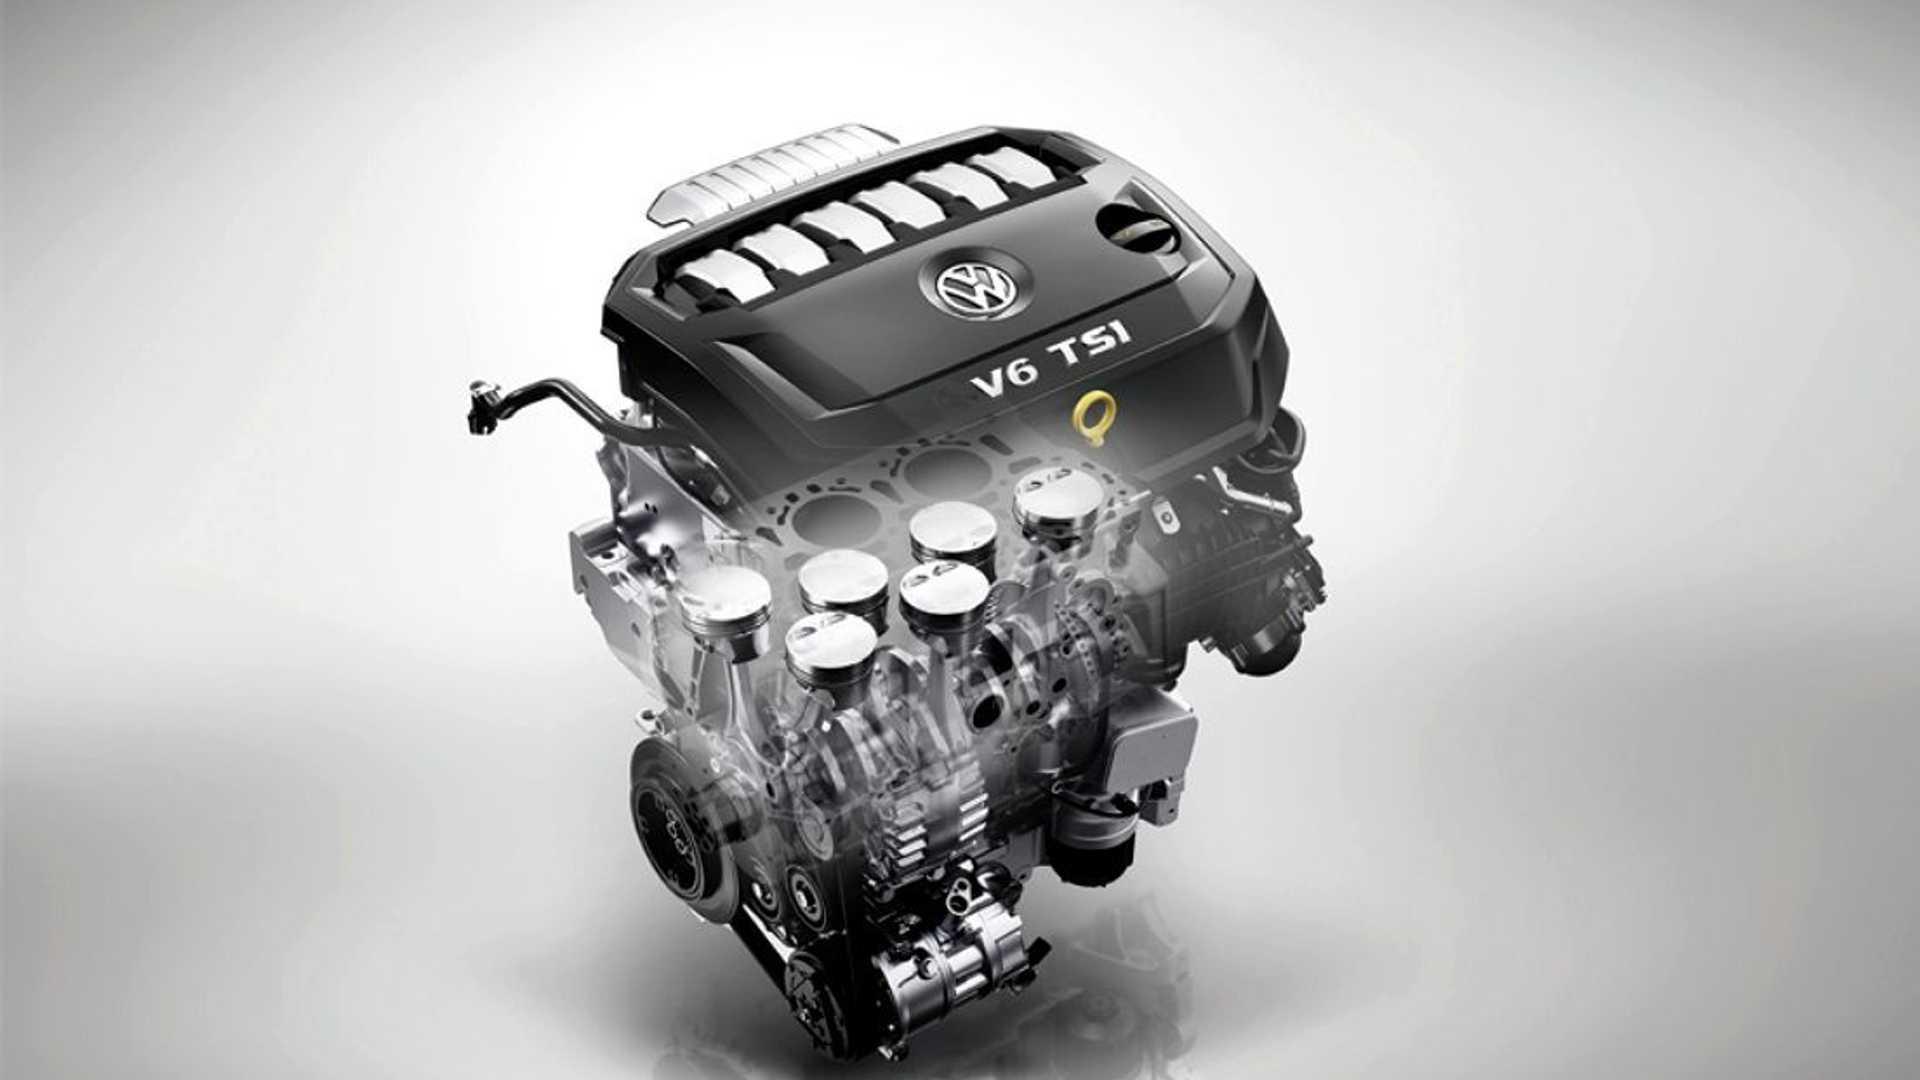 VR6 Volkswagen